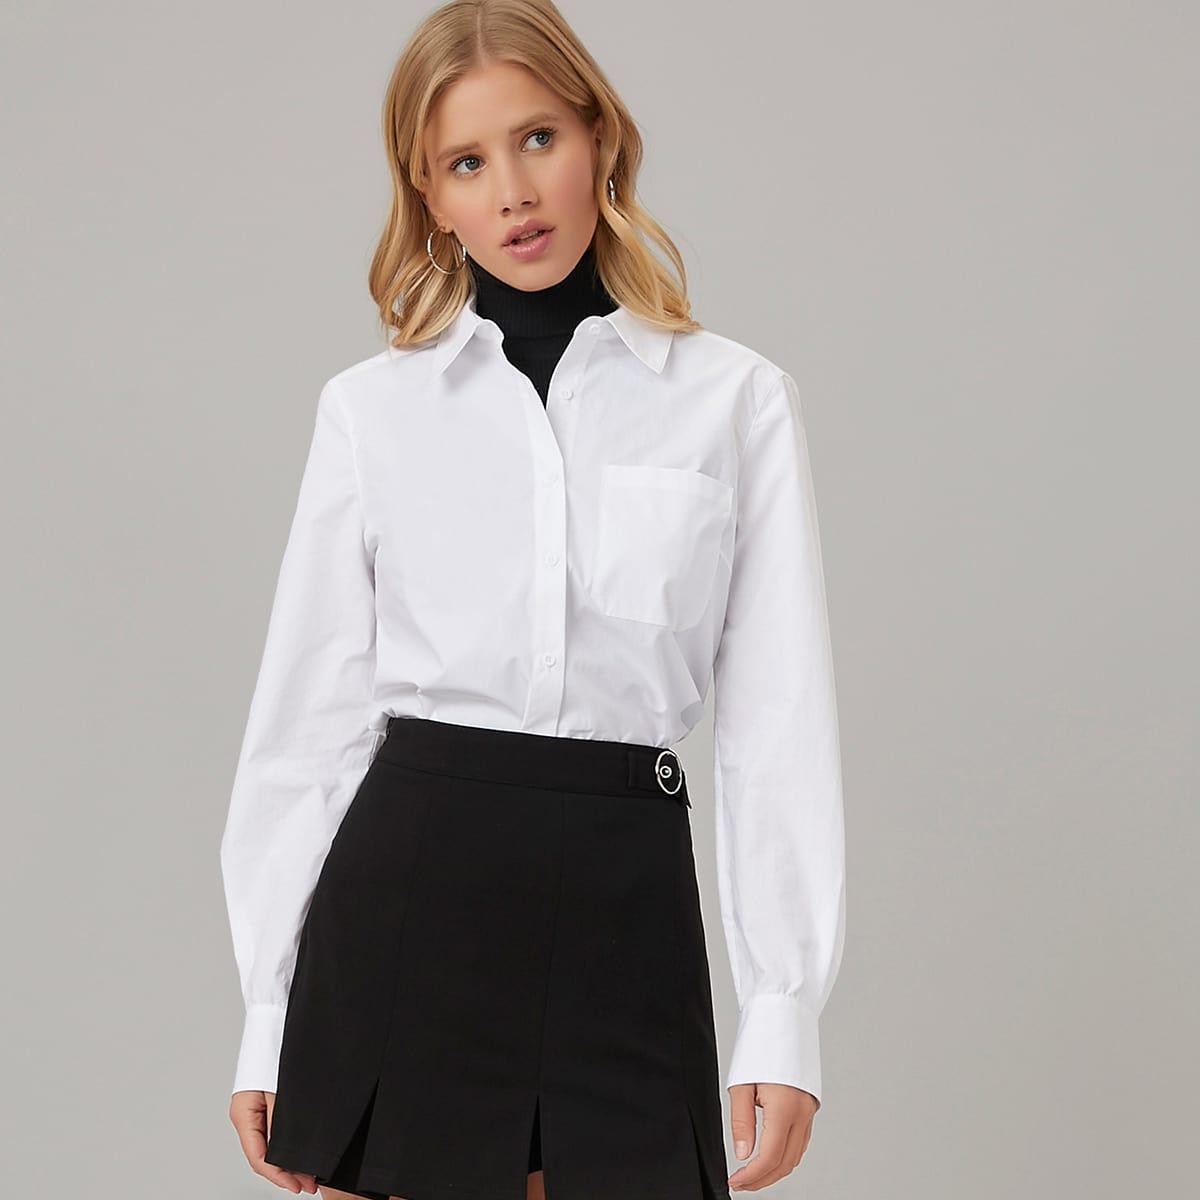 Блузка из 100% хлопка с карманом